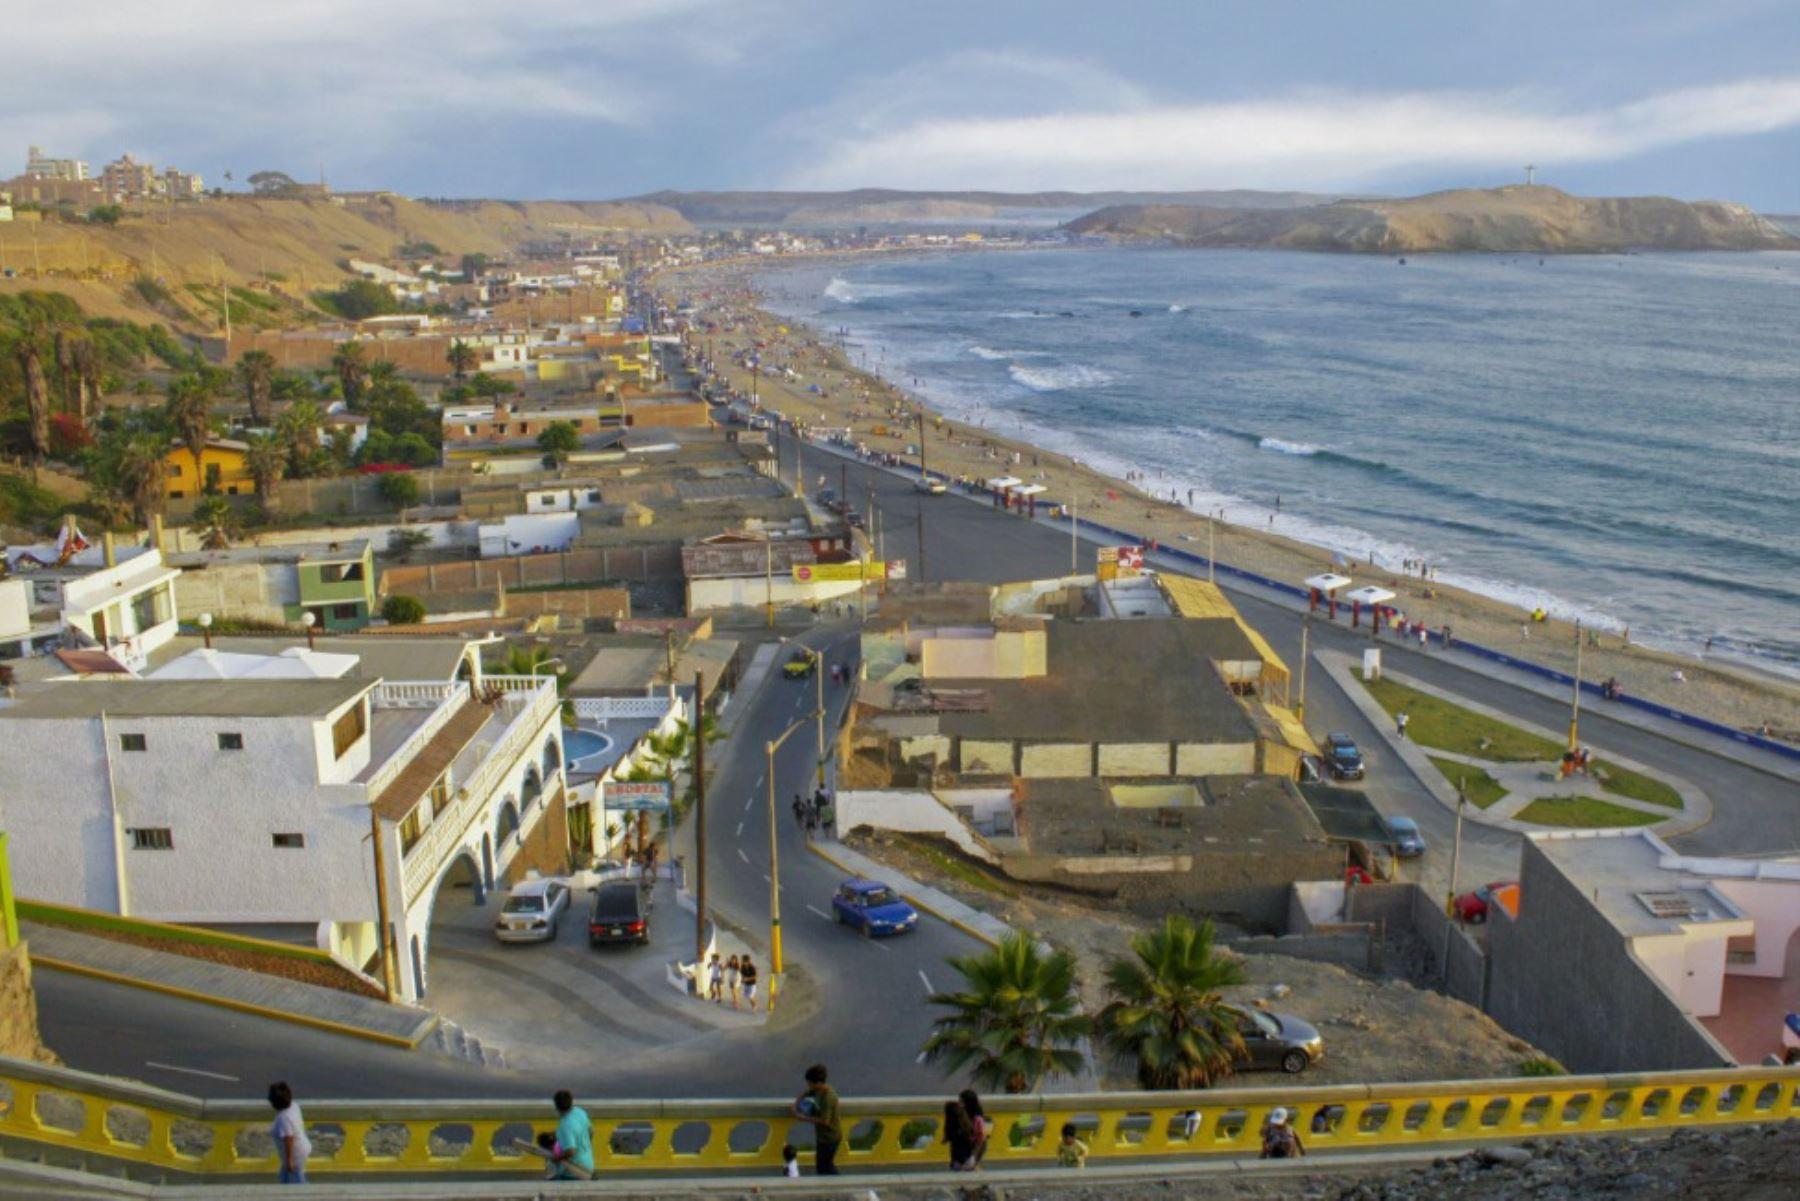 Barranca proyecta recibir más de 200,000 visitantes durante este verano. Esta provincia, la más septentrional del departamento de Lima, posee hermosas playas.